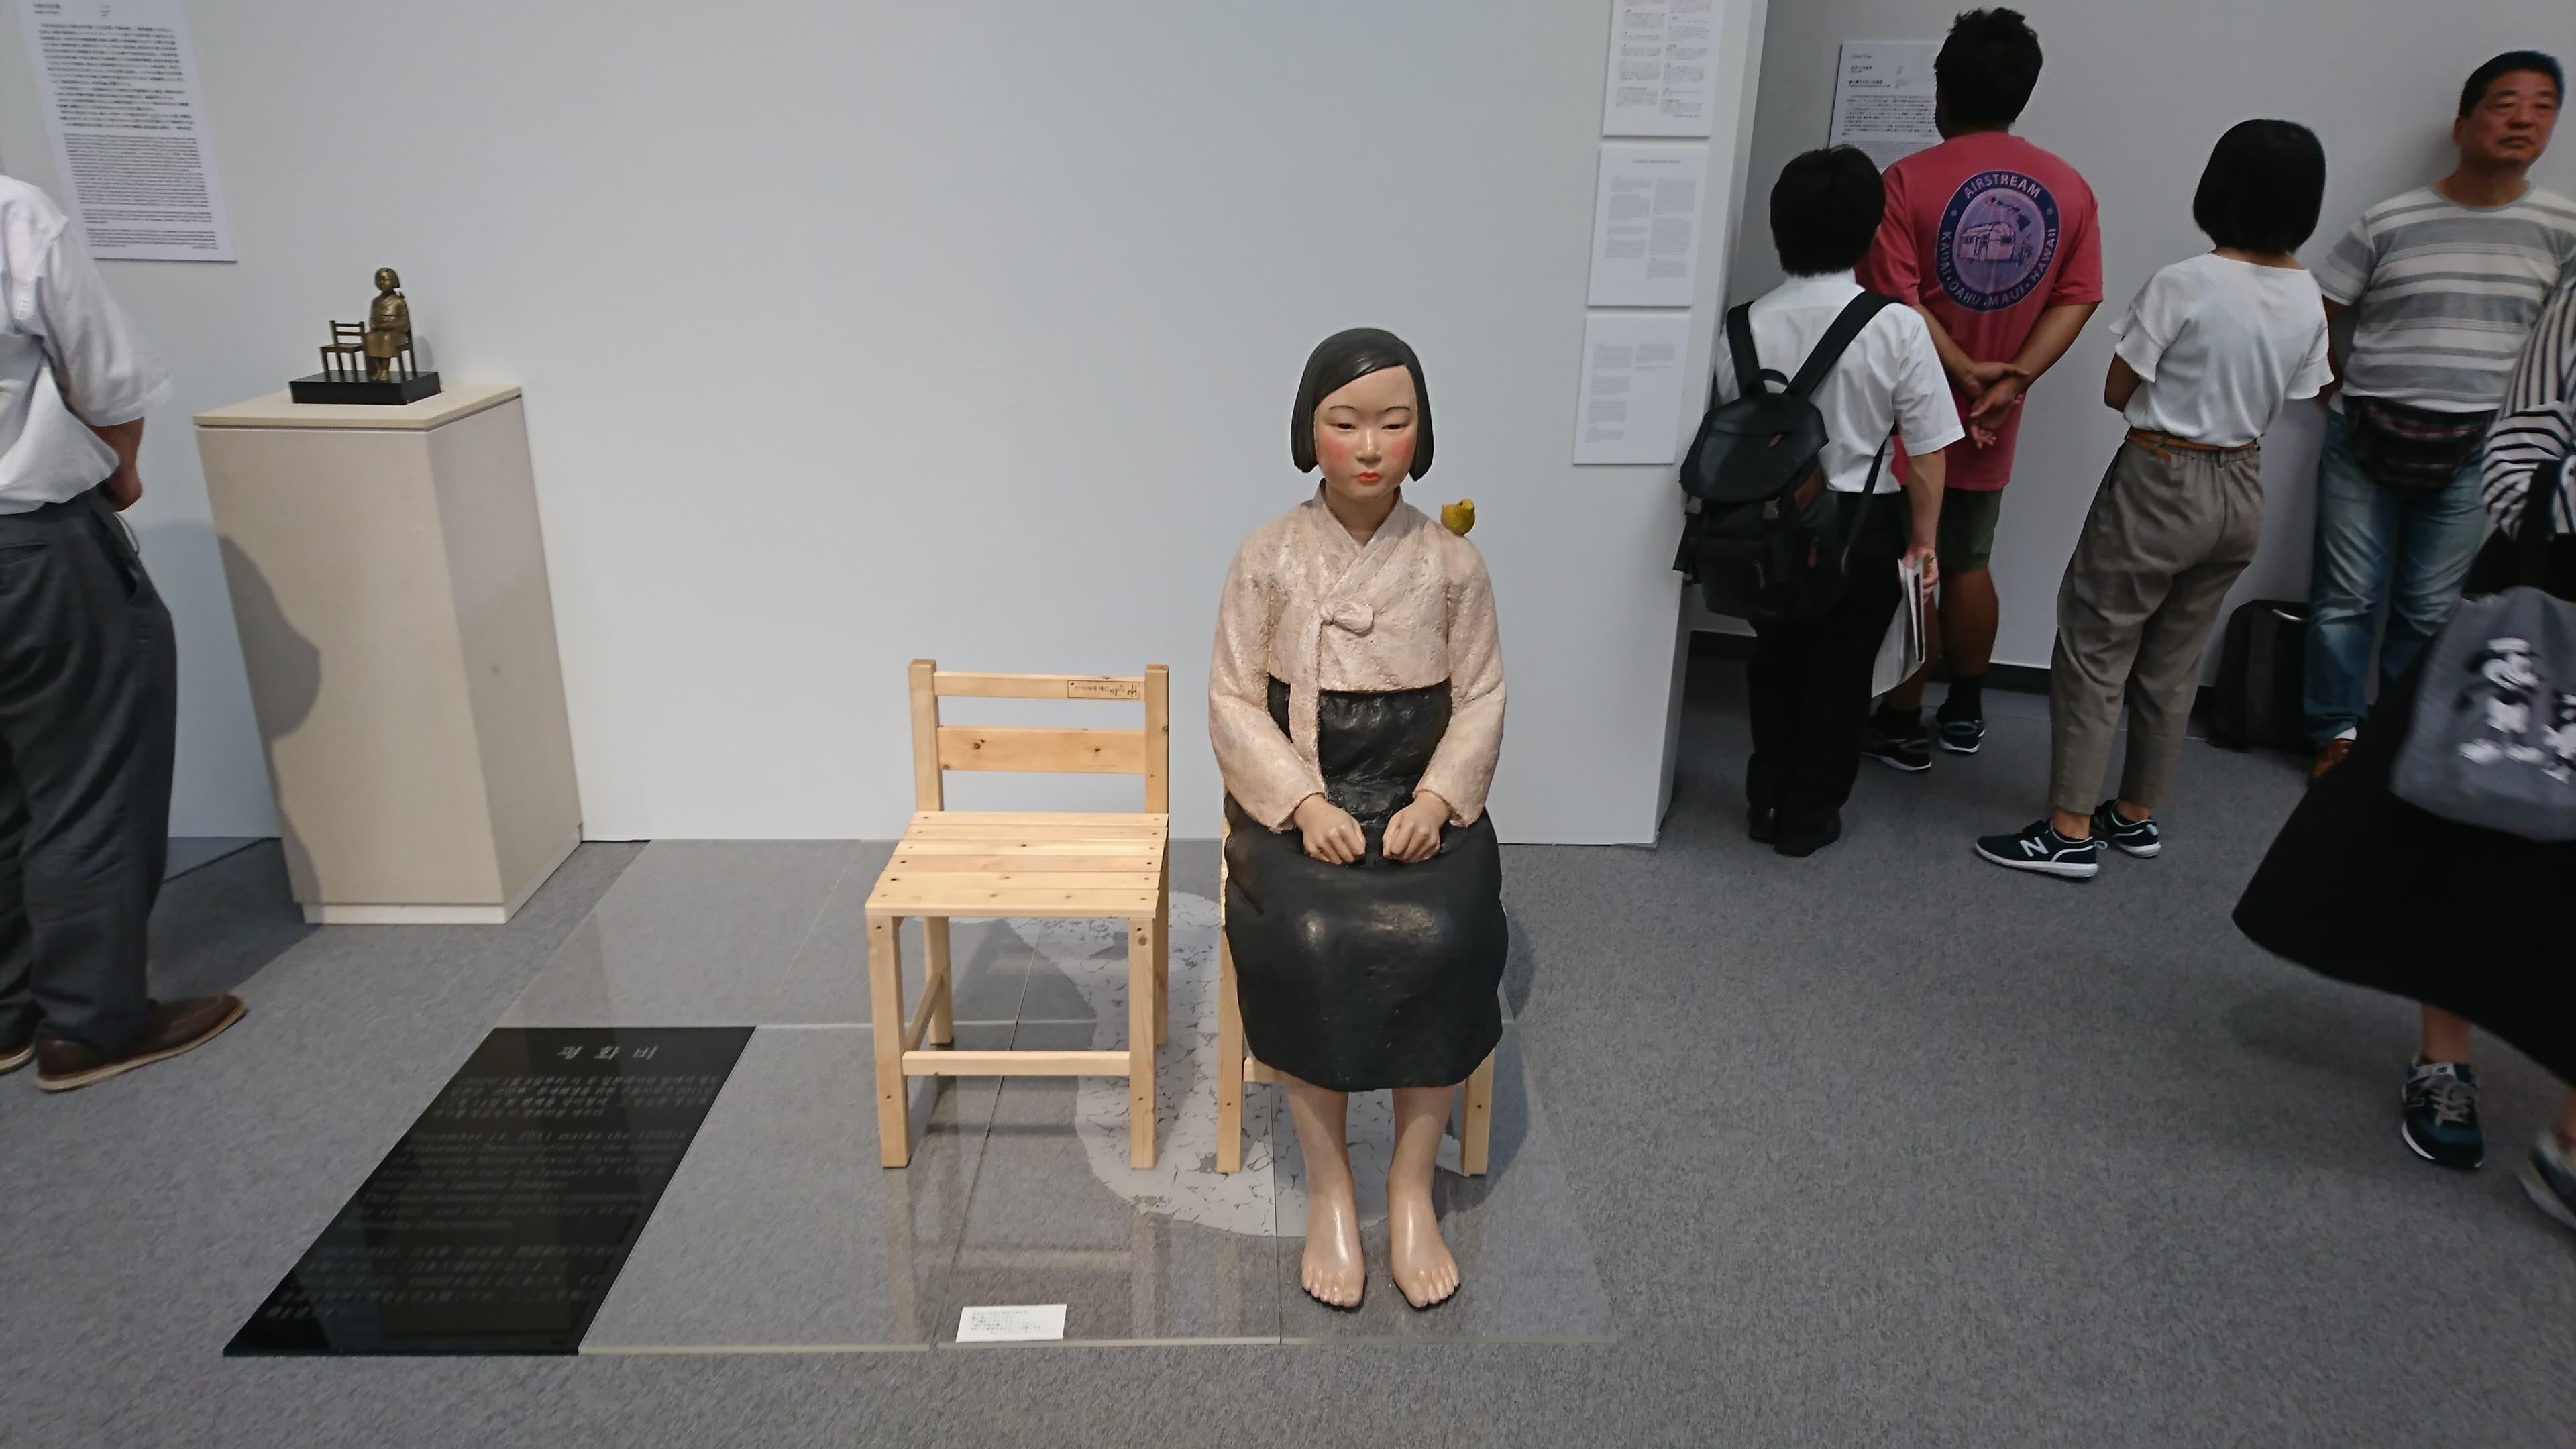 慰安婦問題の少女像展示中止という、新たな「8月の昏い記憶」